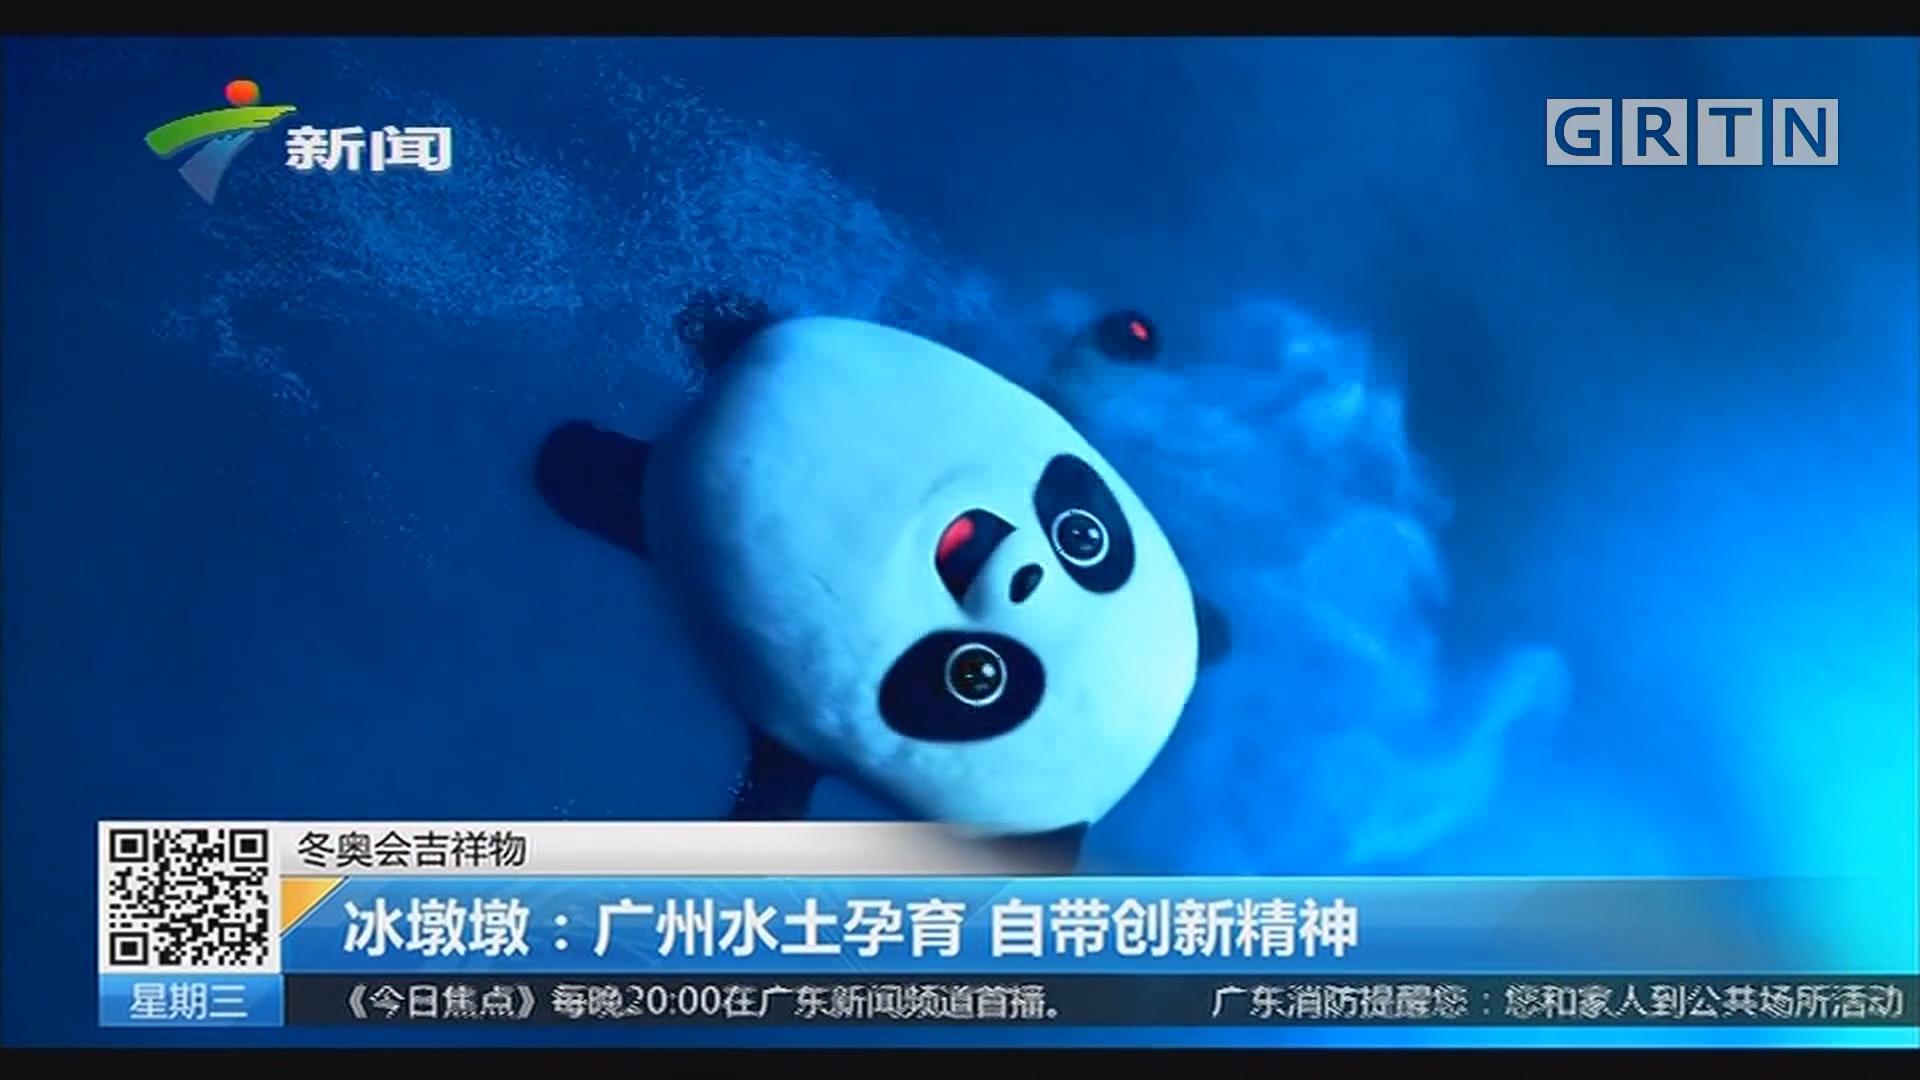 冬奥会吉祥物 冰墩墩:广州水土孕育 自带创新精神